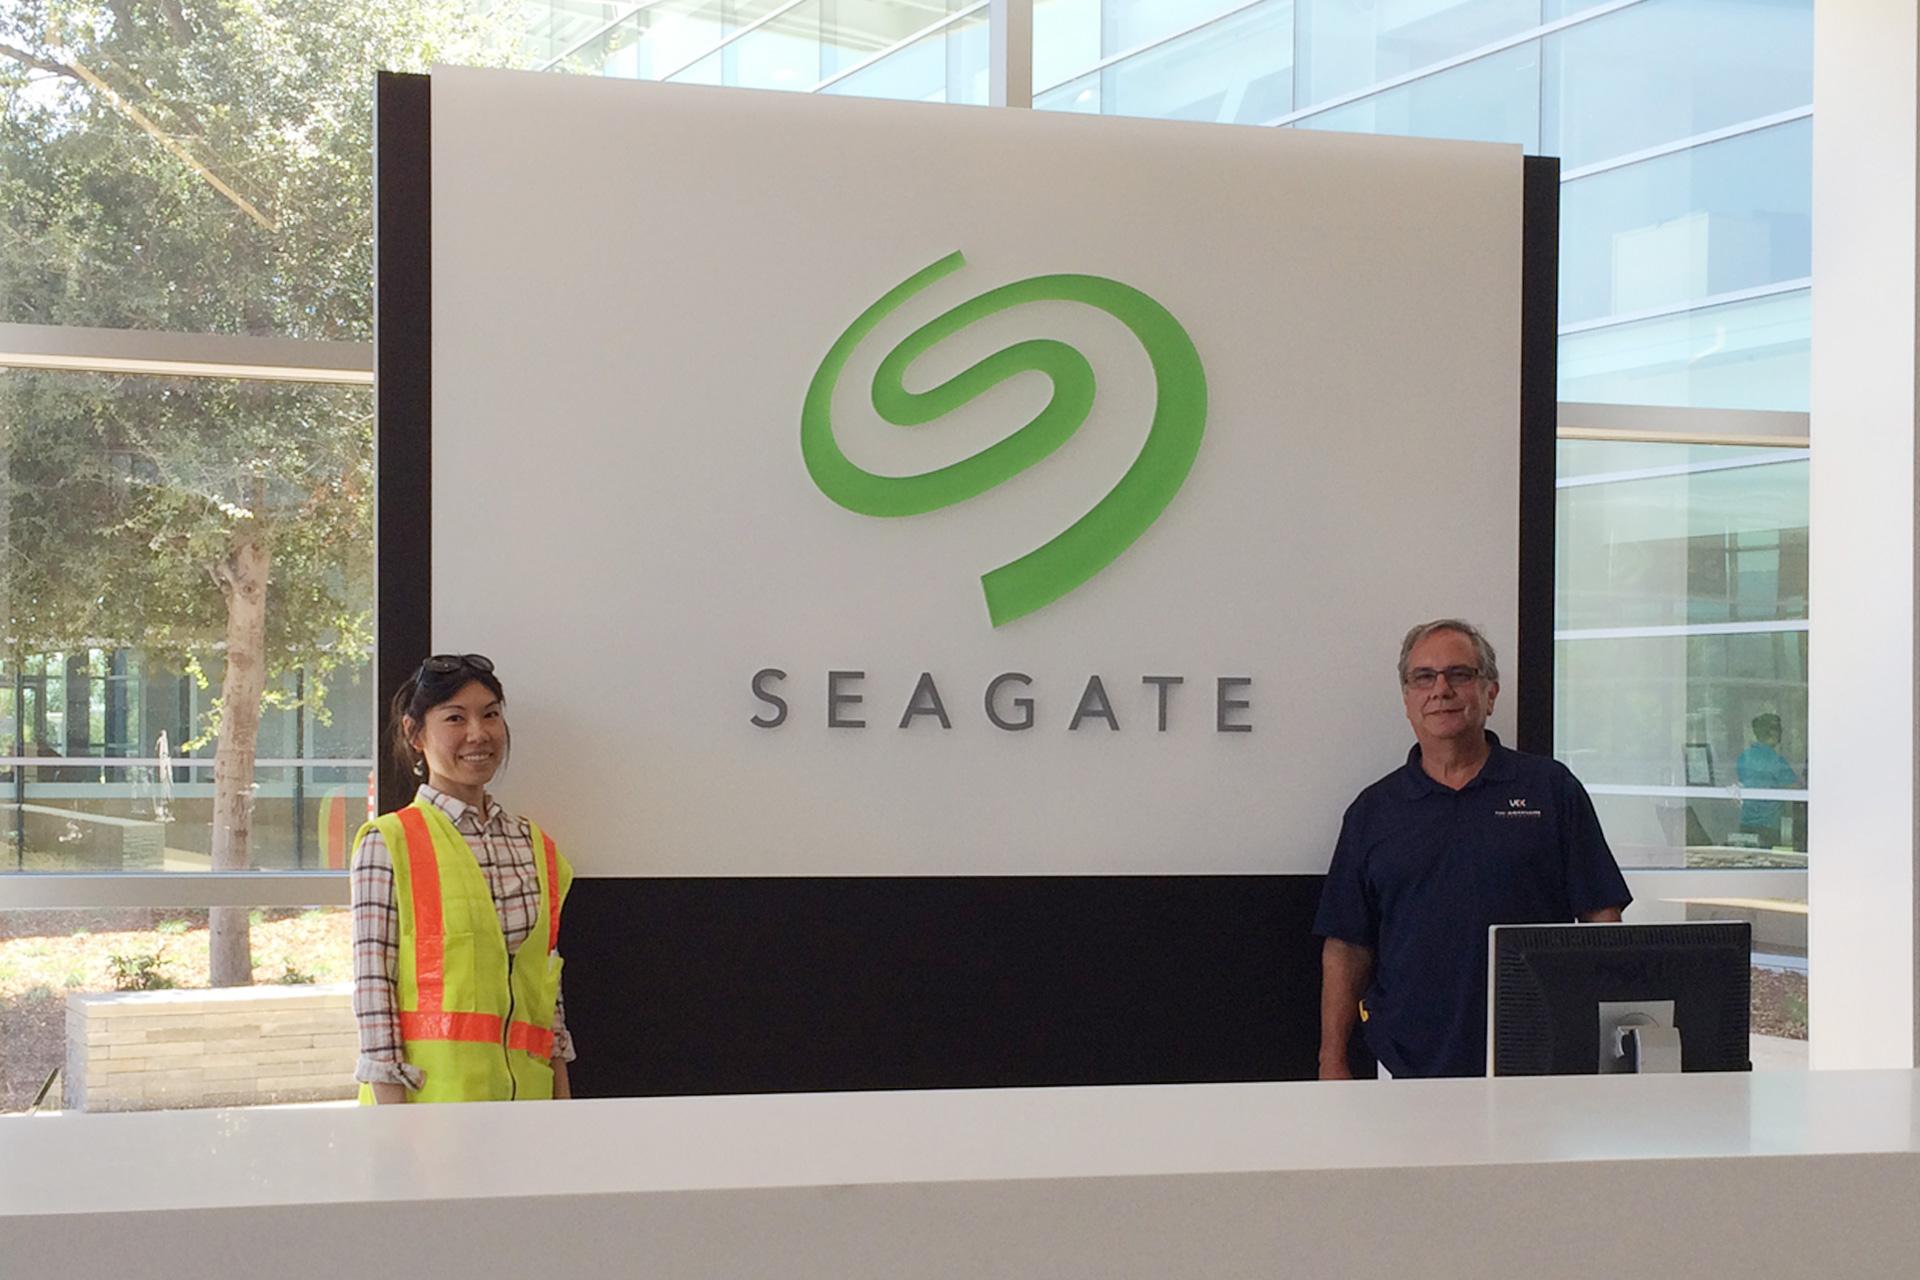 Seagate_interior_7